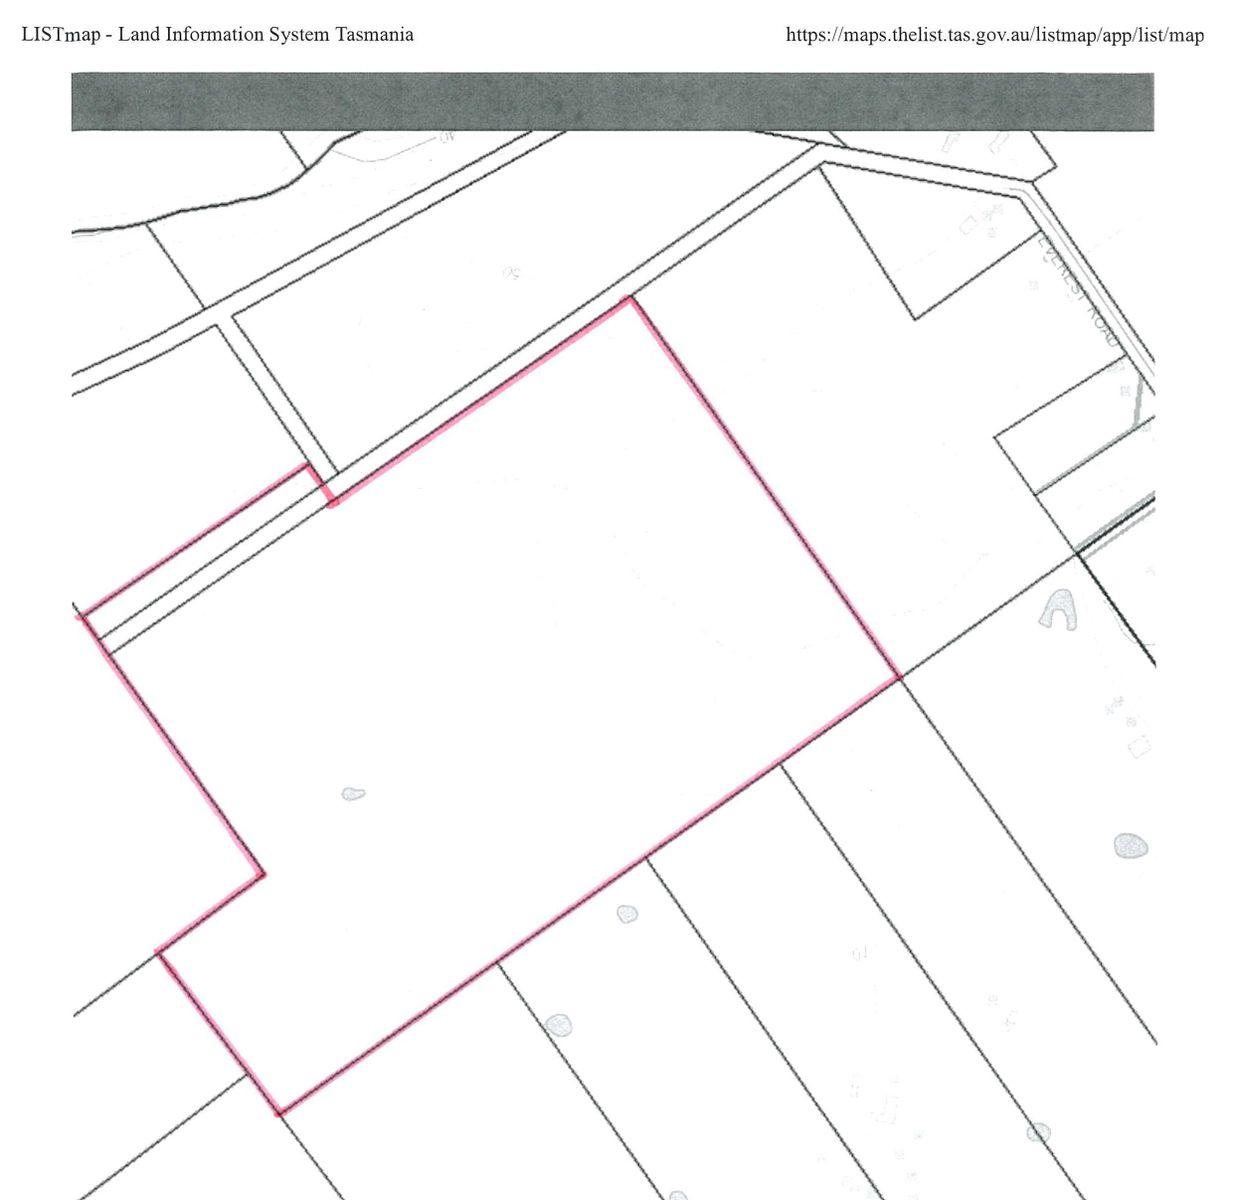 Lot 1, 234 Winkleigh Road, Exeter, TAS 7275